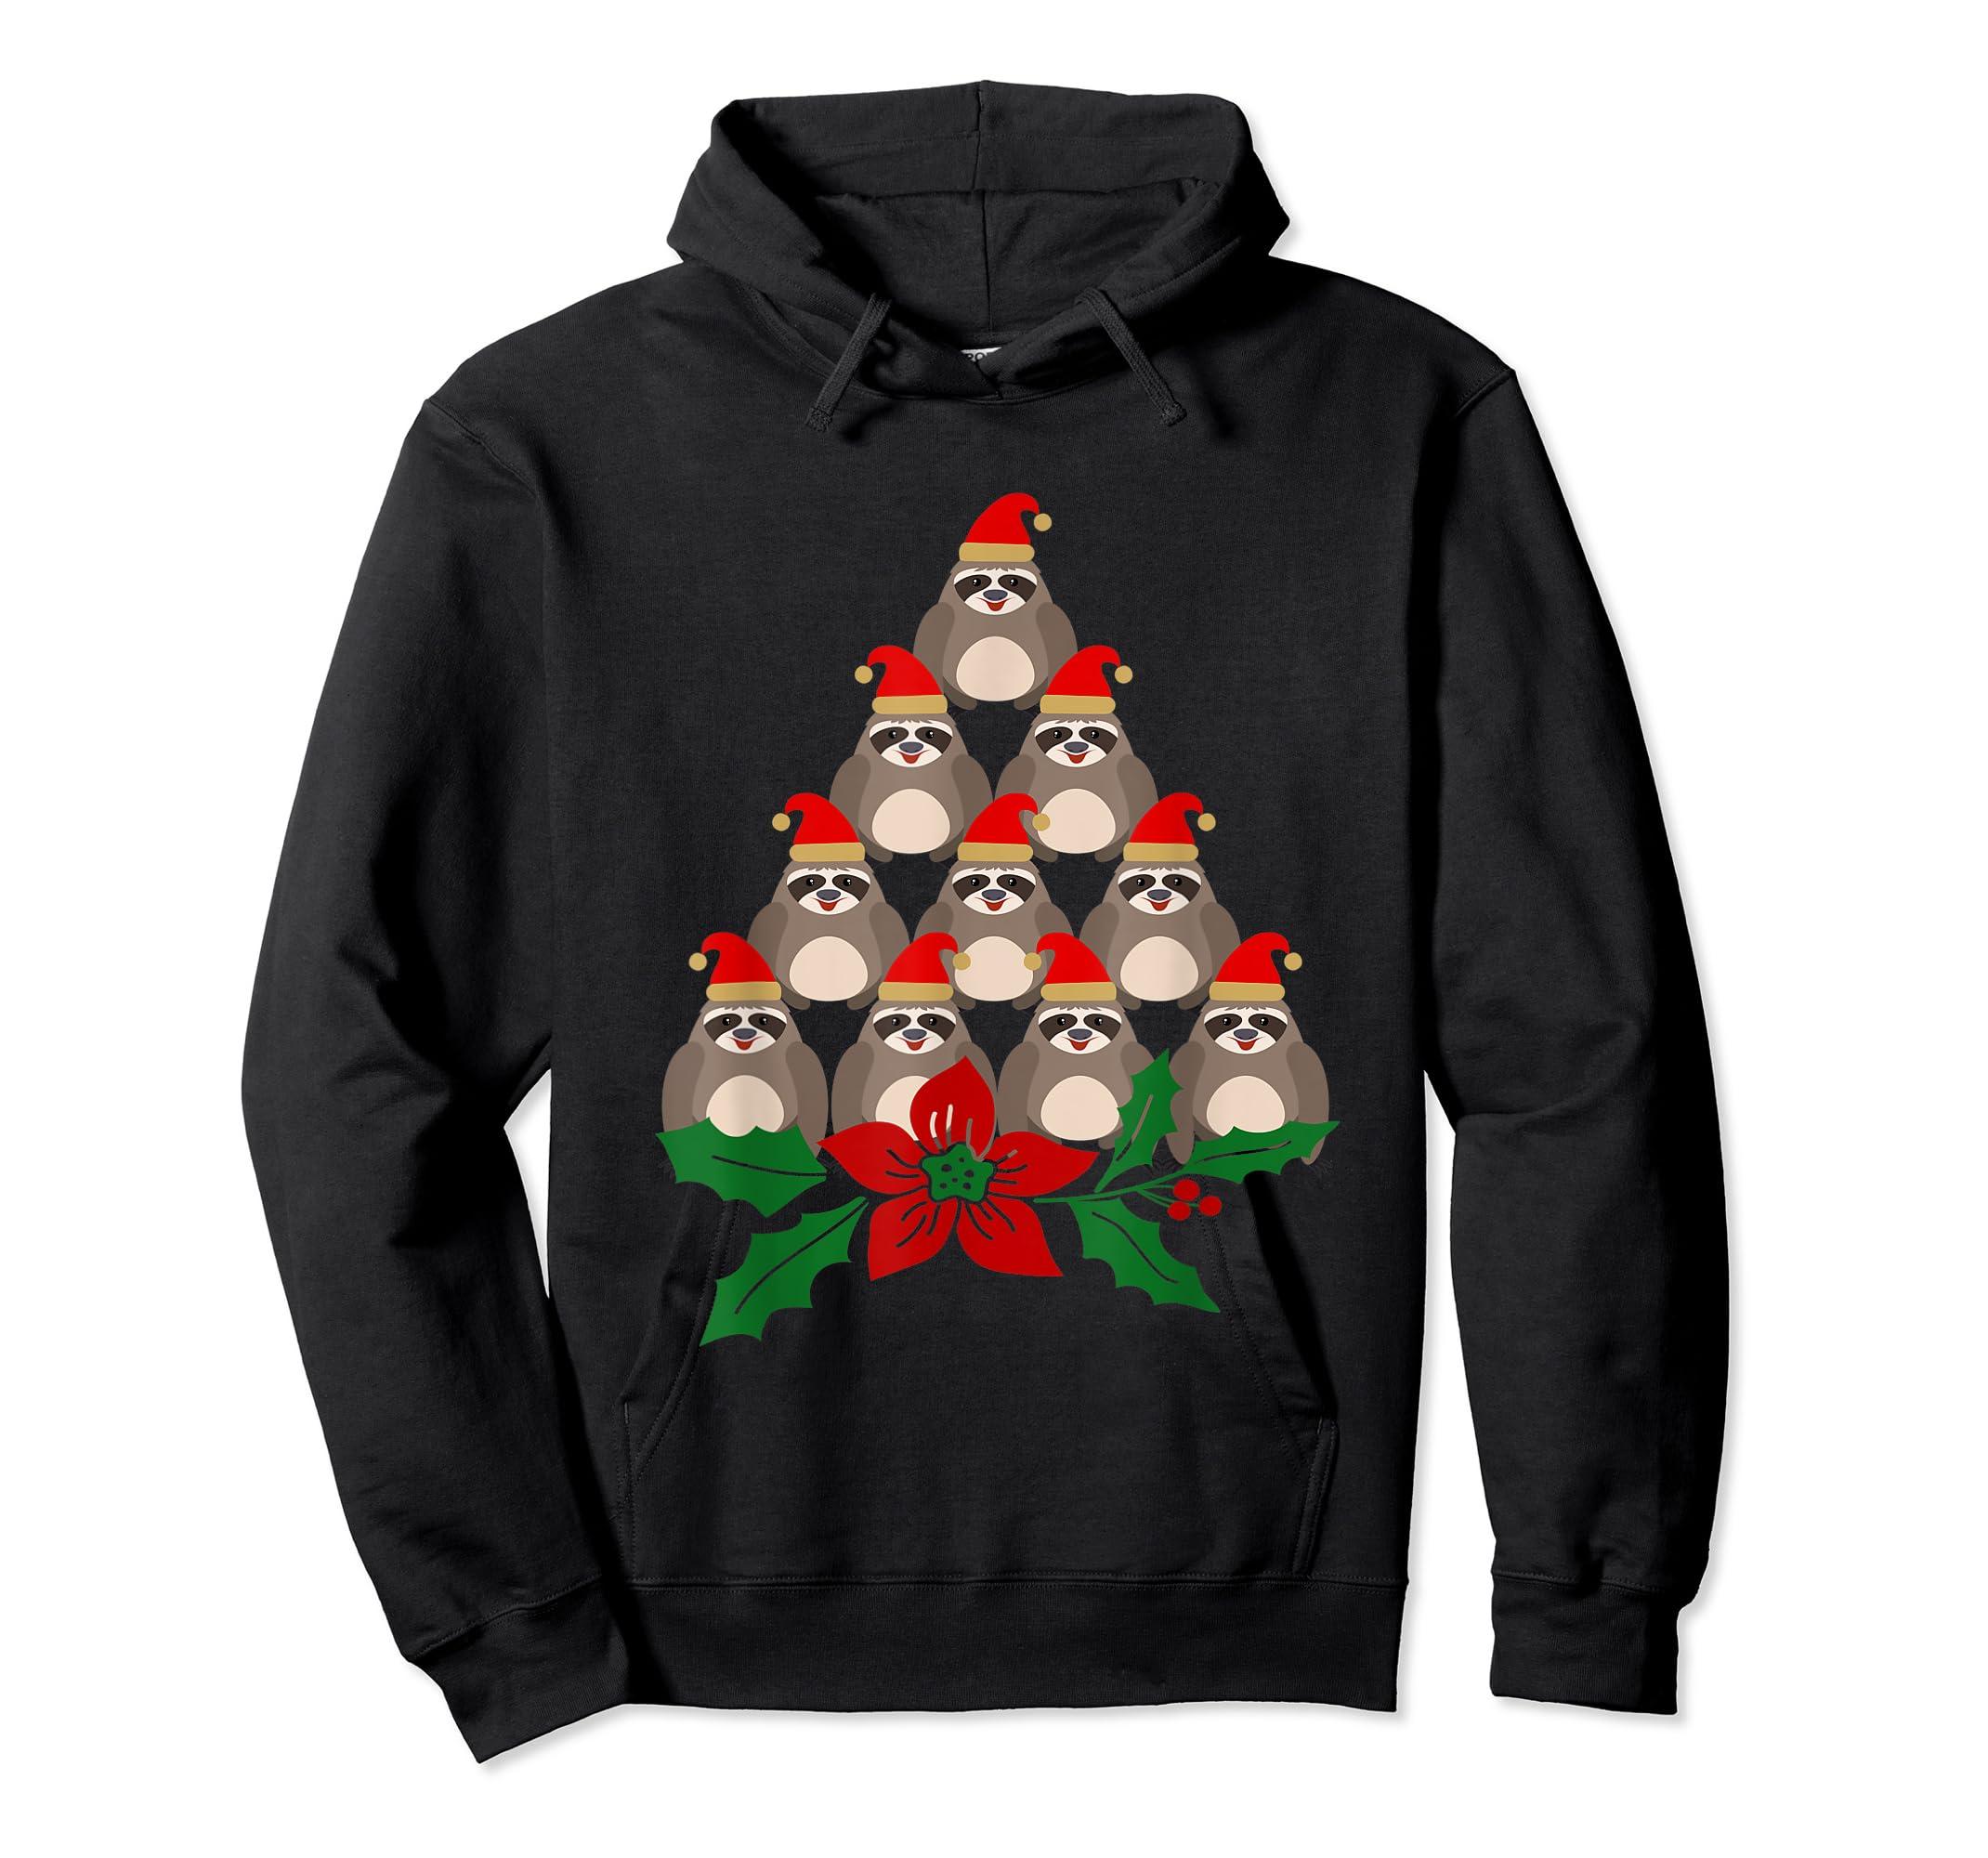 Sloth Christmas Tree Xmas Lover T-Shirt-Hoodie-Black